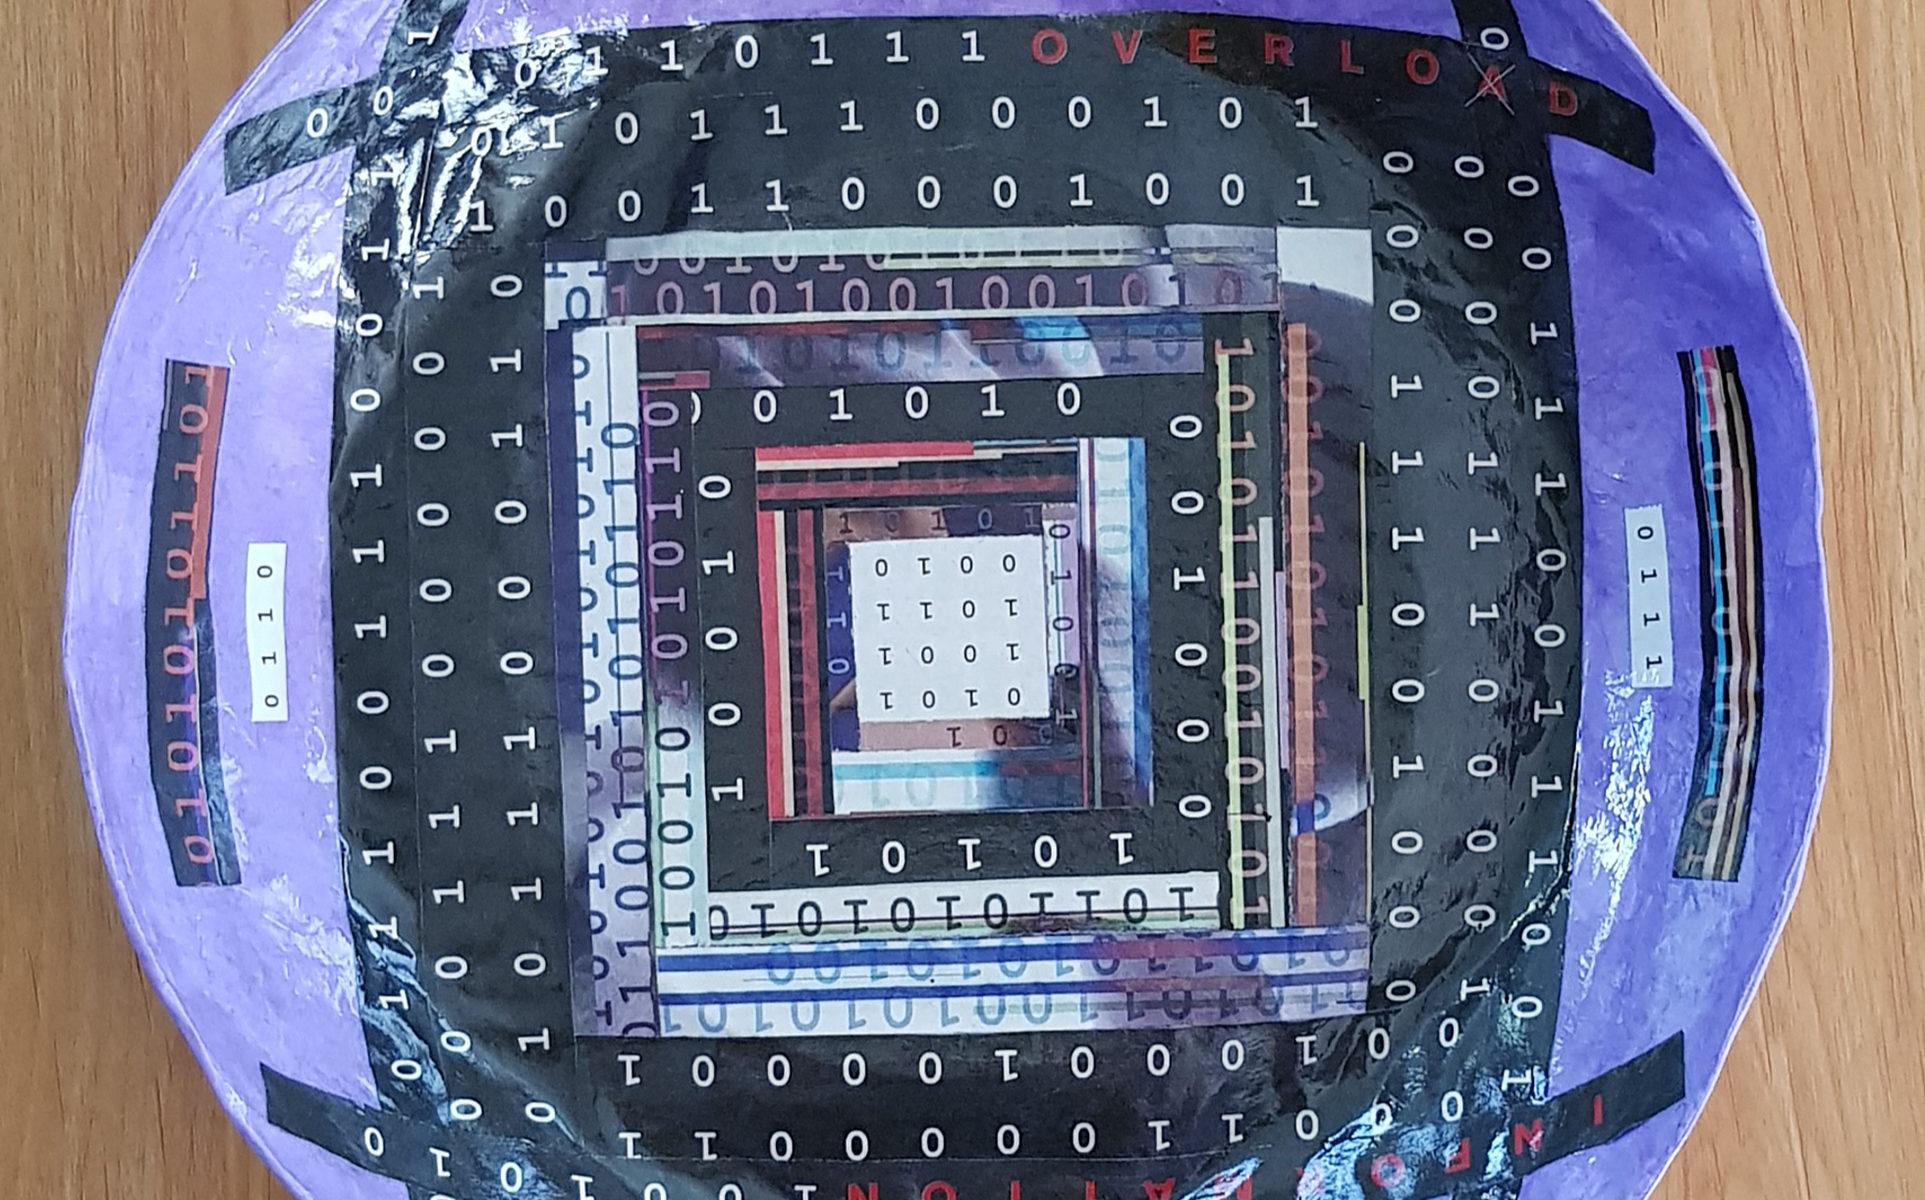 Bowl 15 - Information Overload - inside